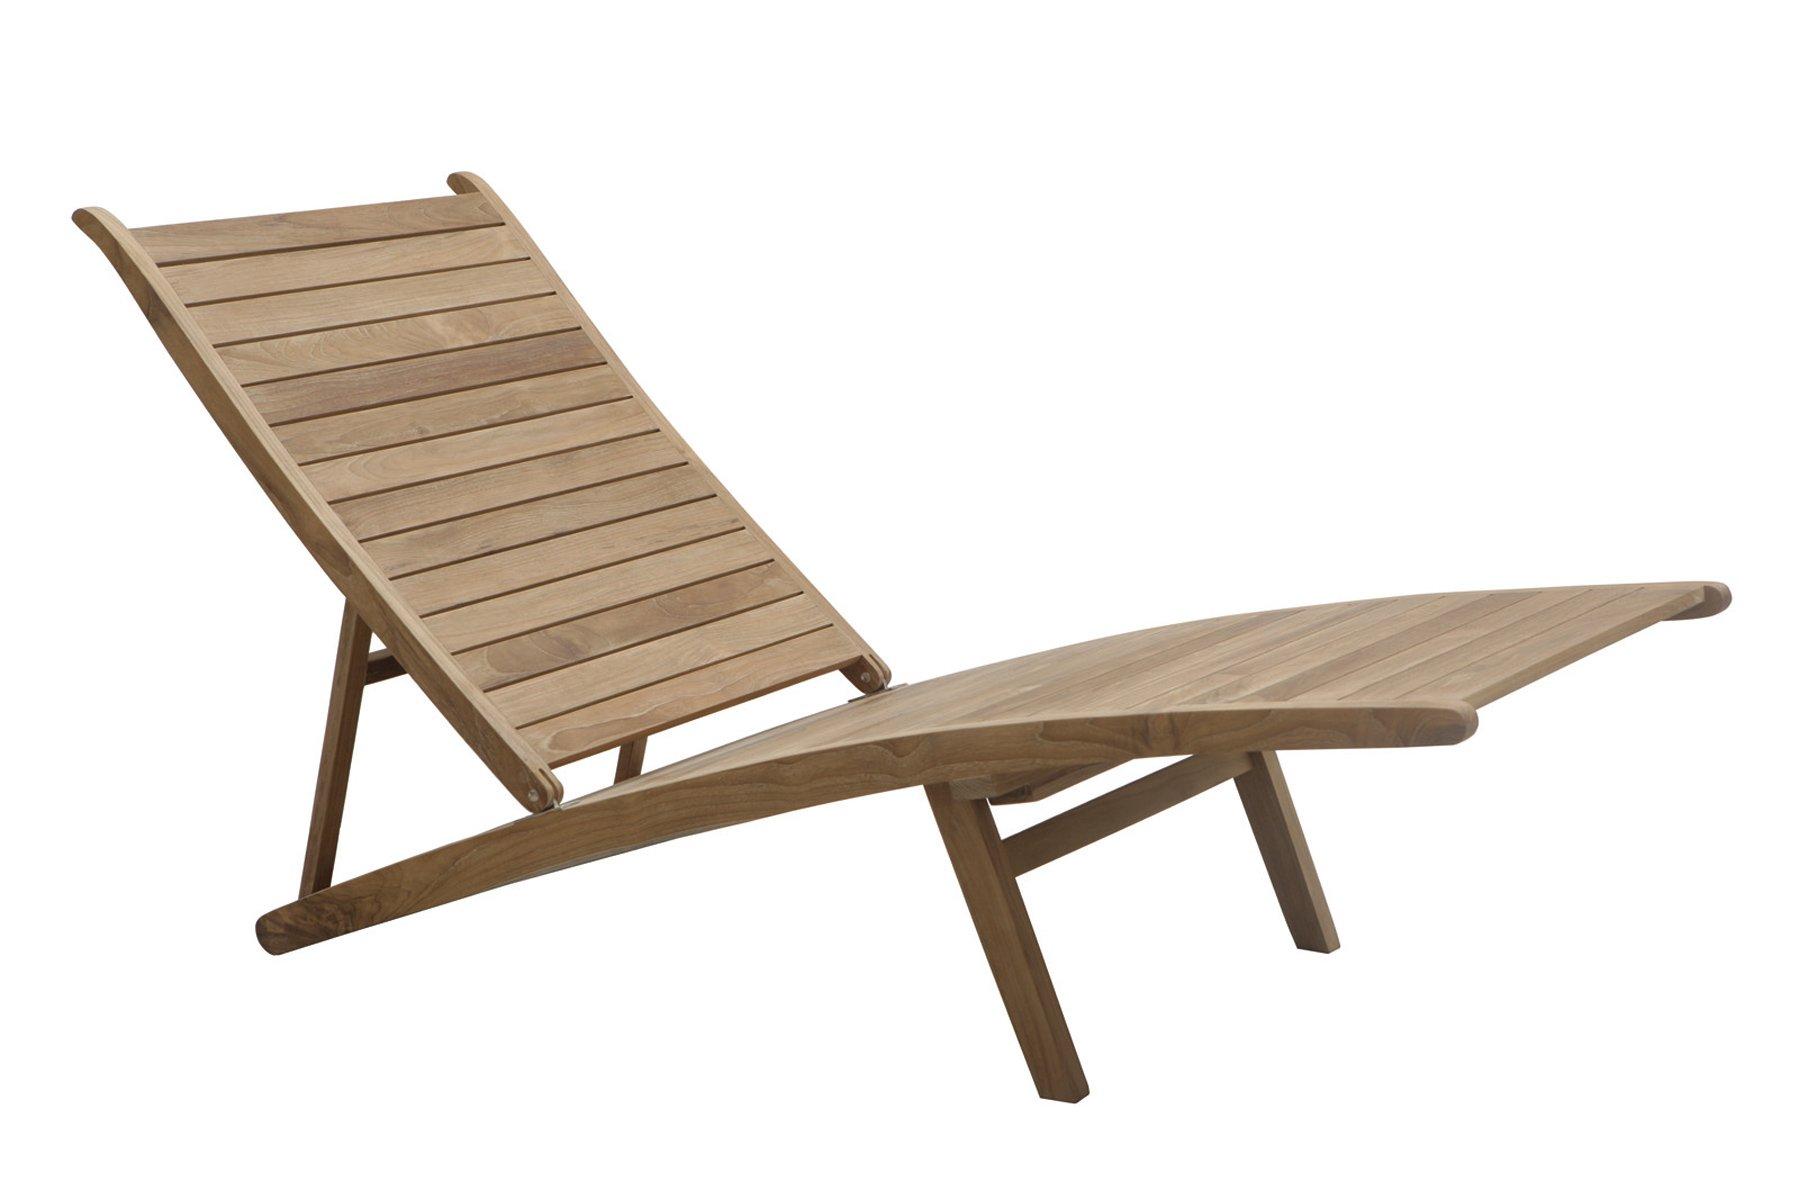 Sedia A Sdraio In Legno : Sdraio reclinabile con poggiapiedi sedia a sdraio da spiaggia